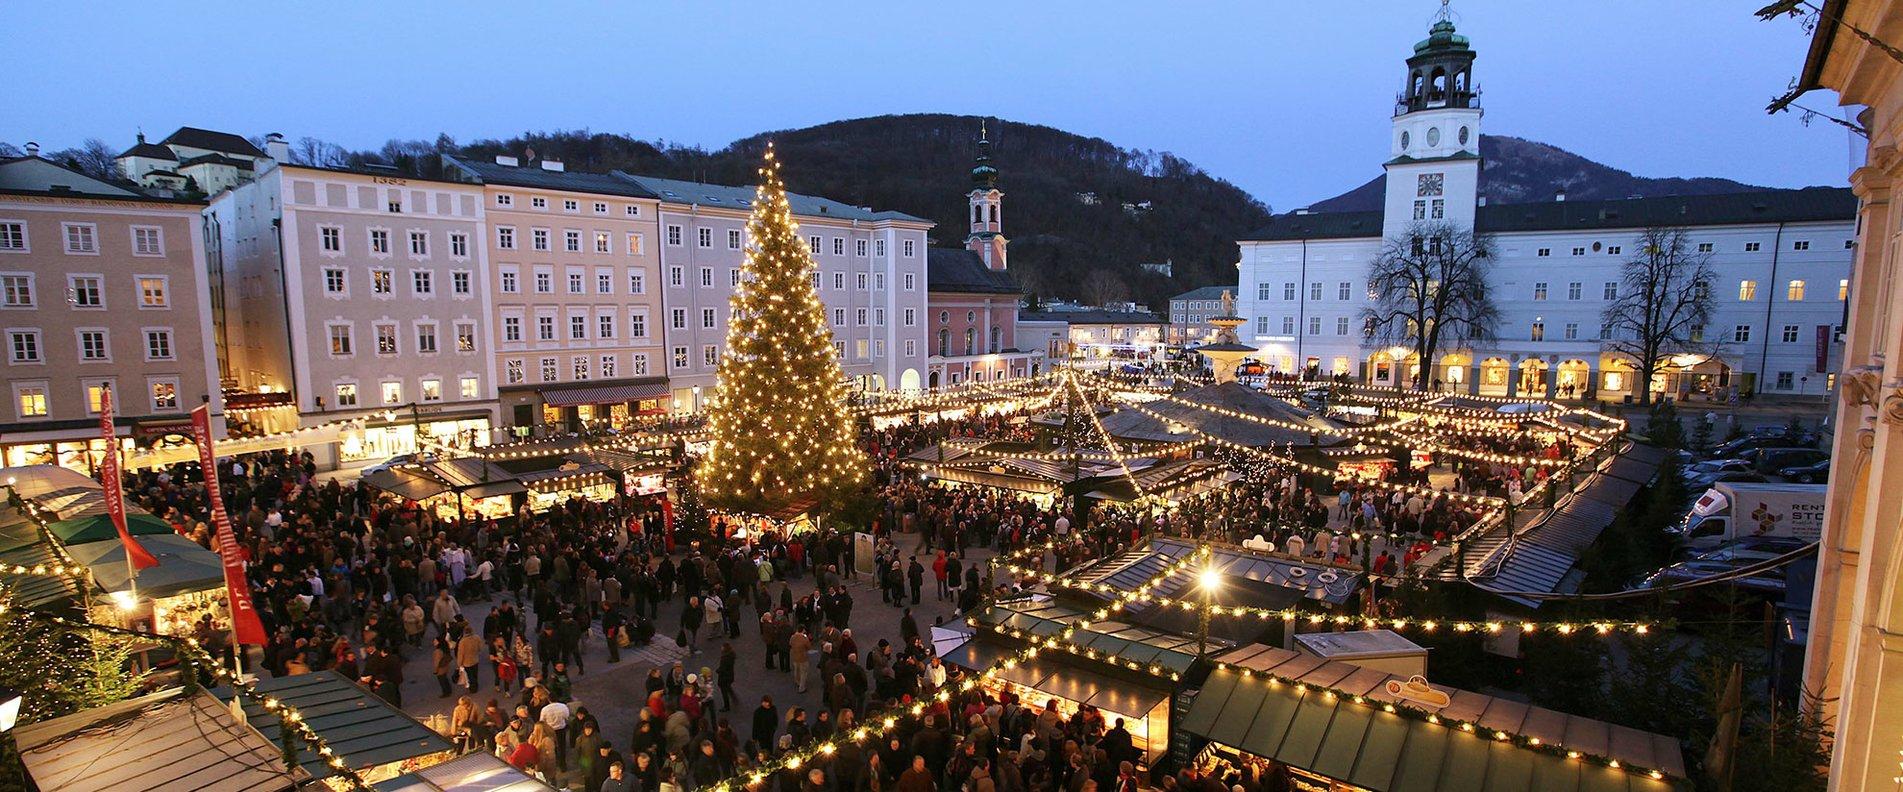 weihnachtsmarkt salzburg 2019